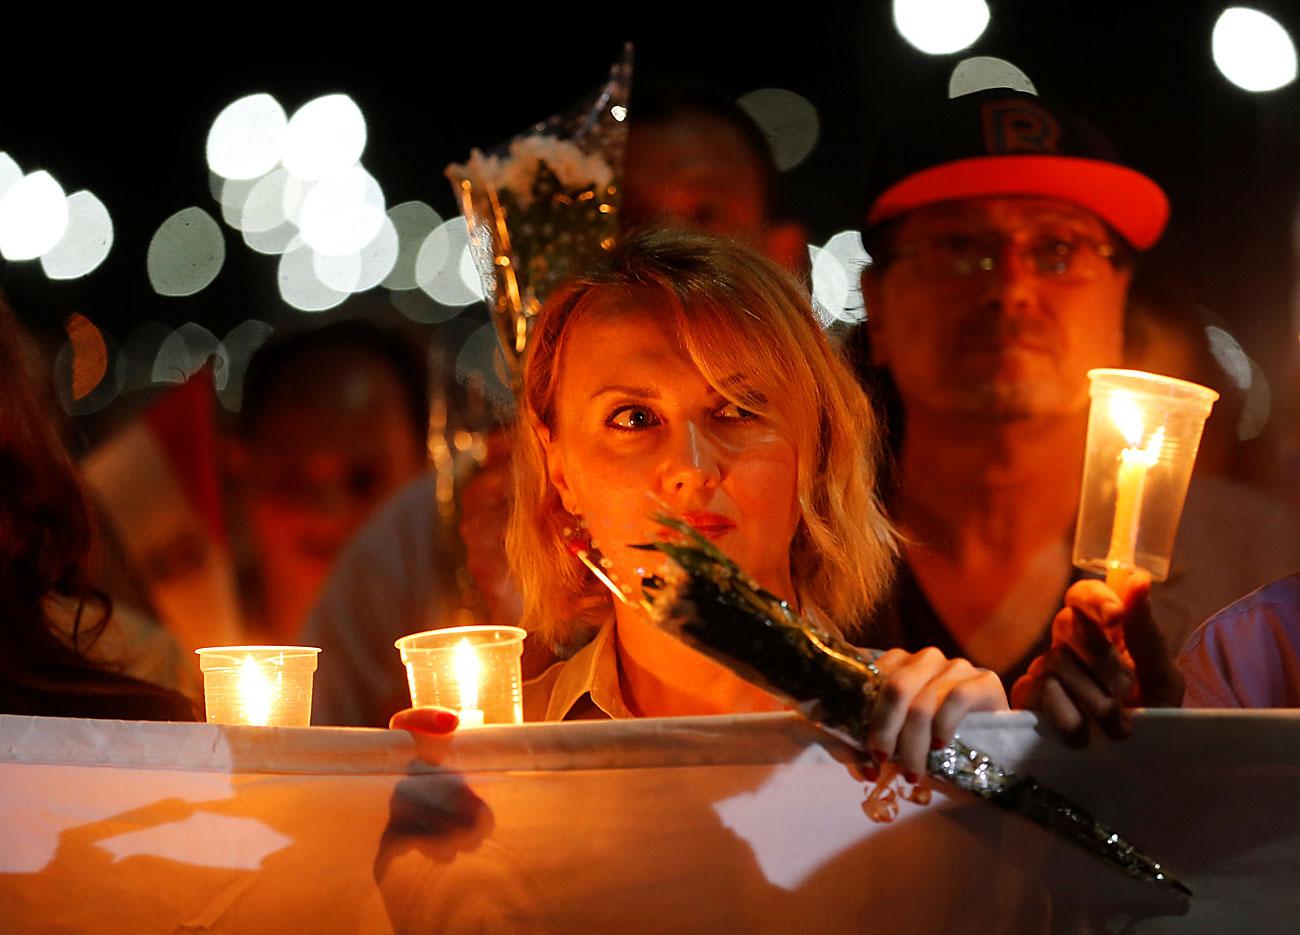 """Луѓе со свеќи и знамето на РФ на """"Плоштадот на мирот"""" во текот на церемонијата на одбележување на првата годишнина од падот на рускиот авион А321 во одморалиштето Шарм ел Шеик на Црвеното море, Египет. 30 октомври 2016."""